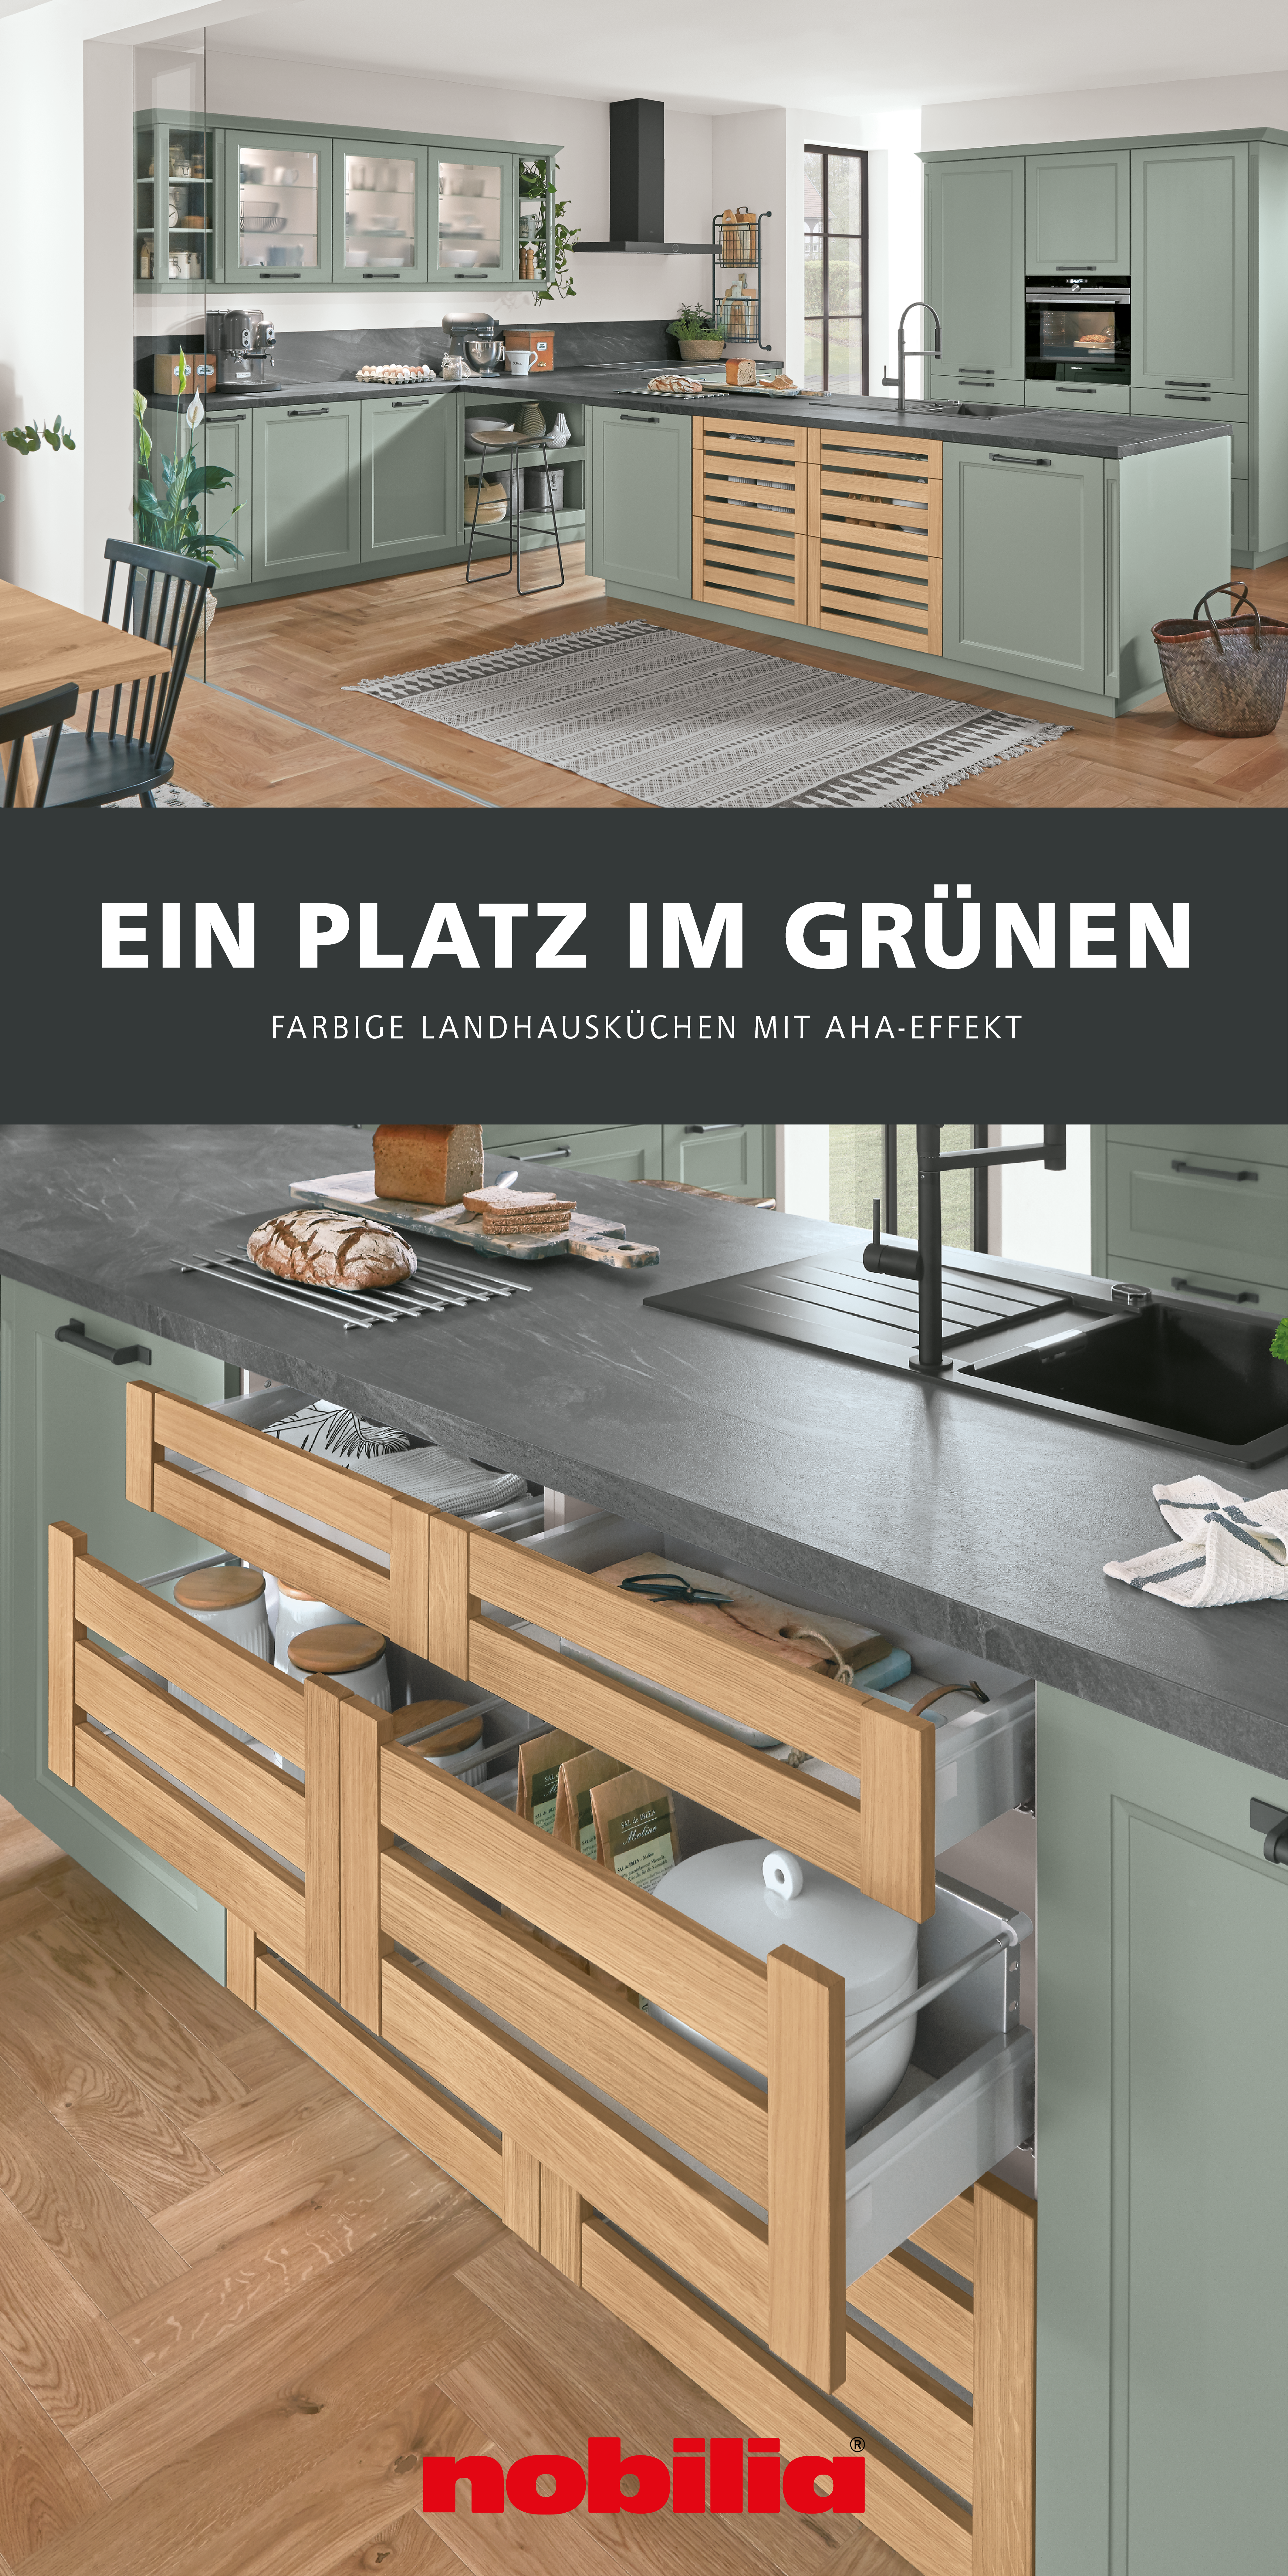 Grune Kuchen Im Landhausstil In 2020 Kuche Landhausstil Kuchen Ideen Landhaus Haus Kuchen